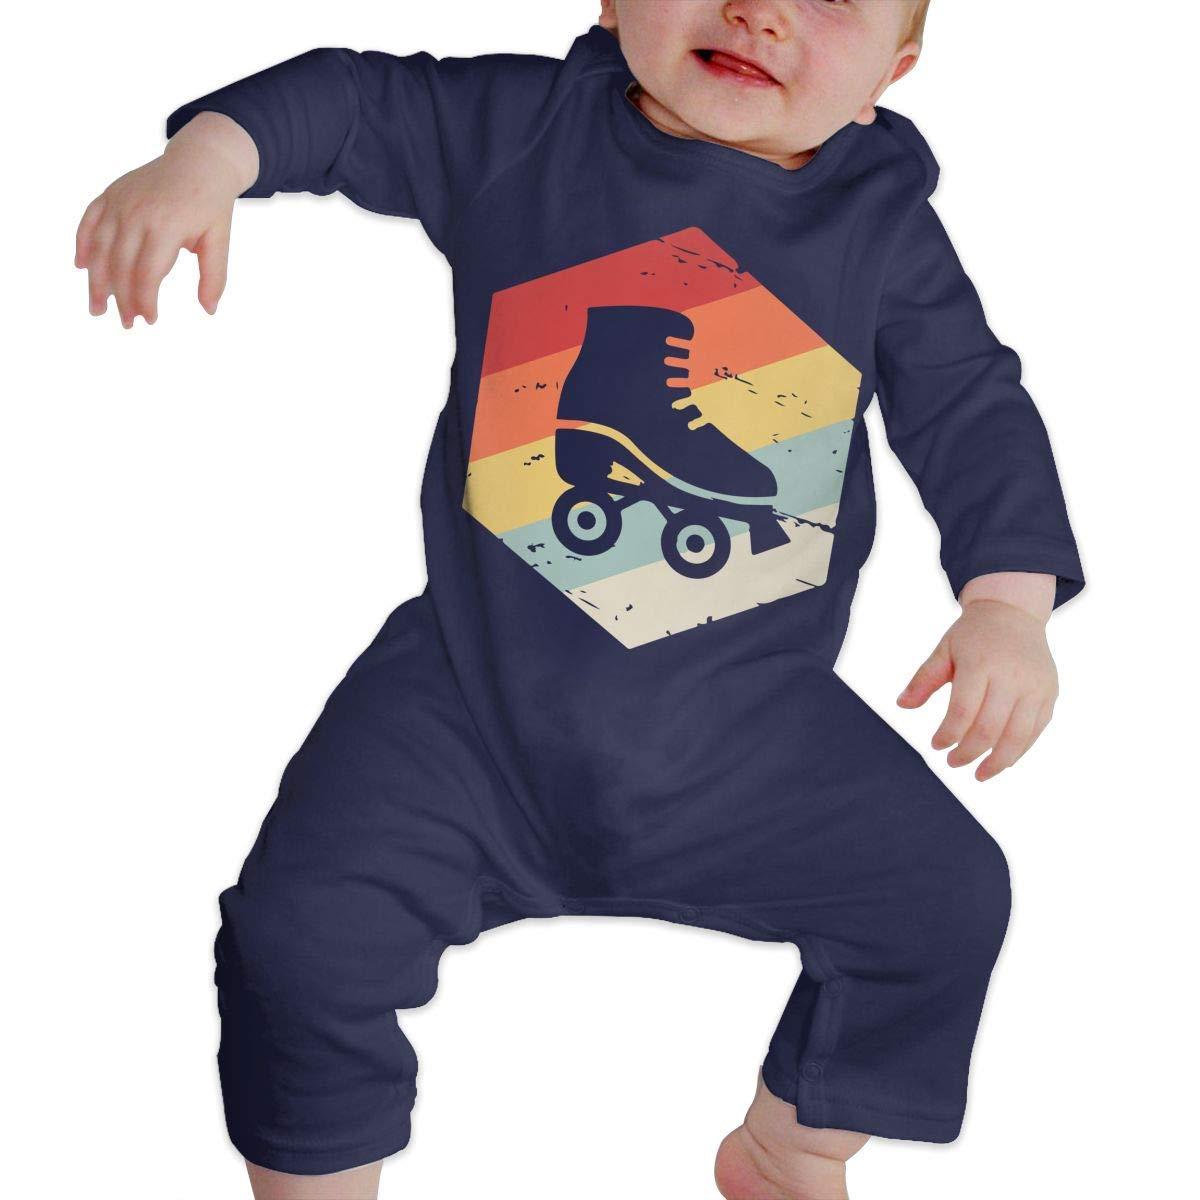 TYLER DEAN Toddler Baby Boy Girl Long Sleeved Coveralls Retro 70s Roller Skating Infant Long Sleeve Romper Jumpsuit